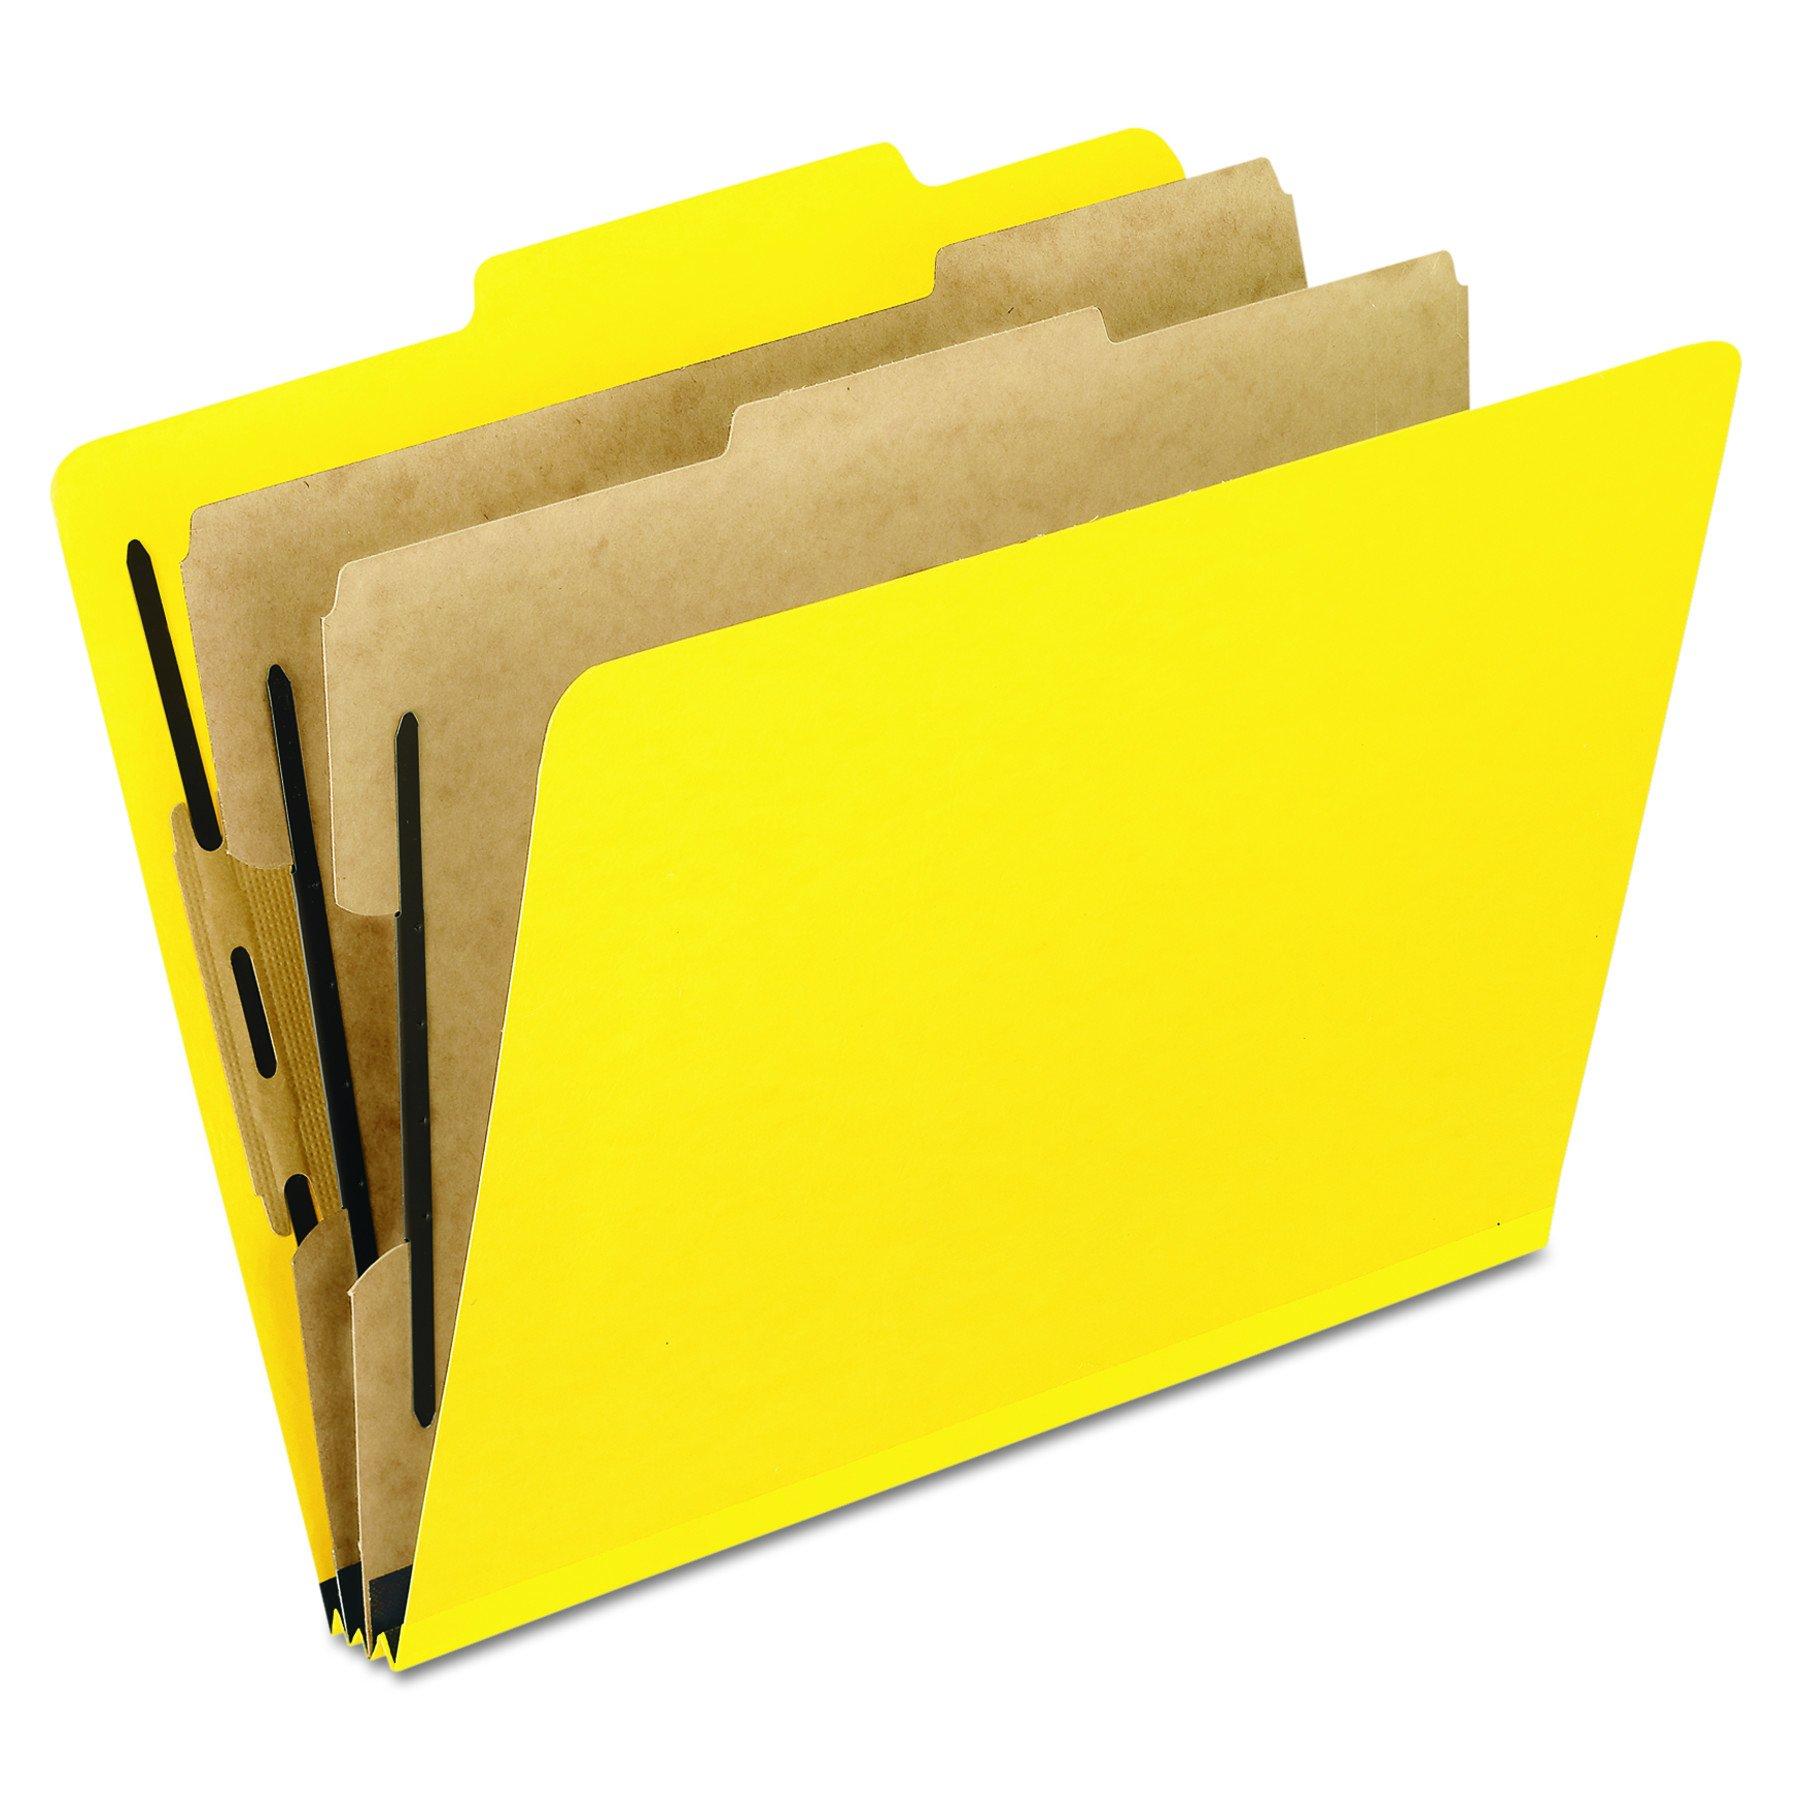 Pendaflex Moisture-Resistant Color Classification Folders, Letter Size, 2 Dividers, Yellow, 2/5 Cut, 10/BX (1257Y) by Pendaflex